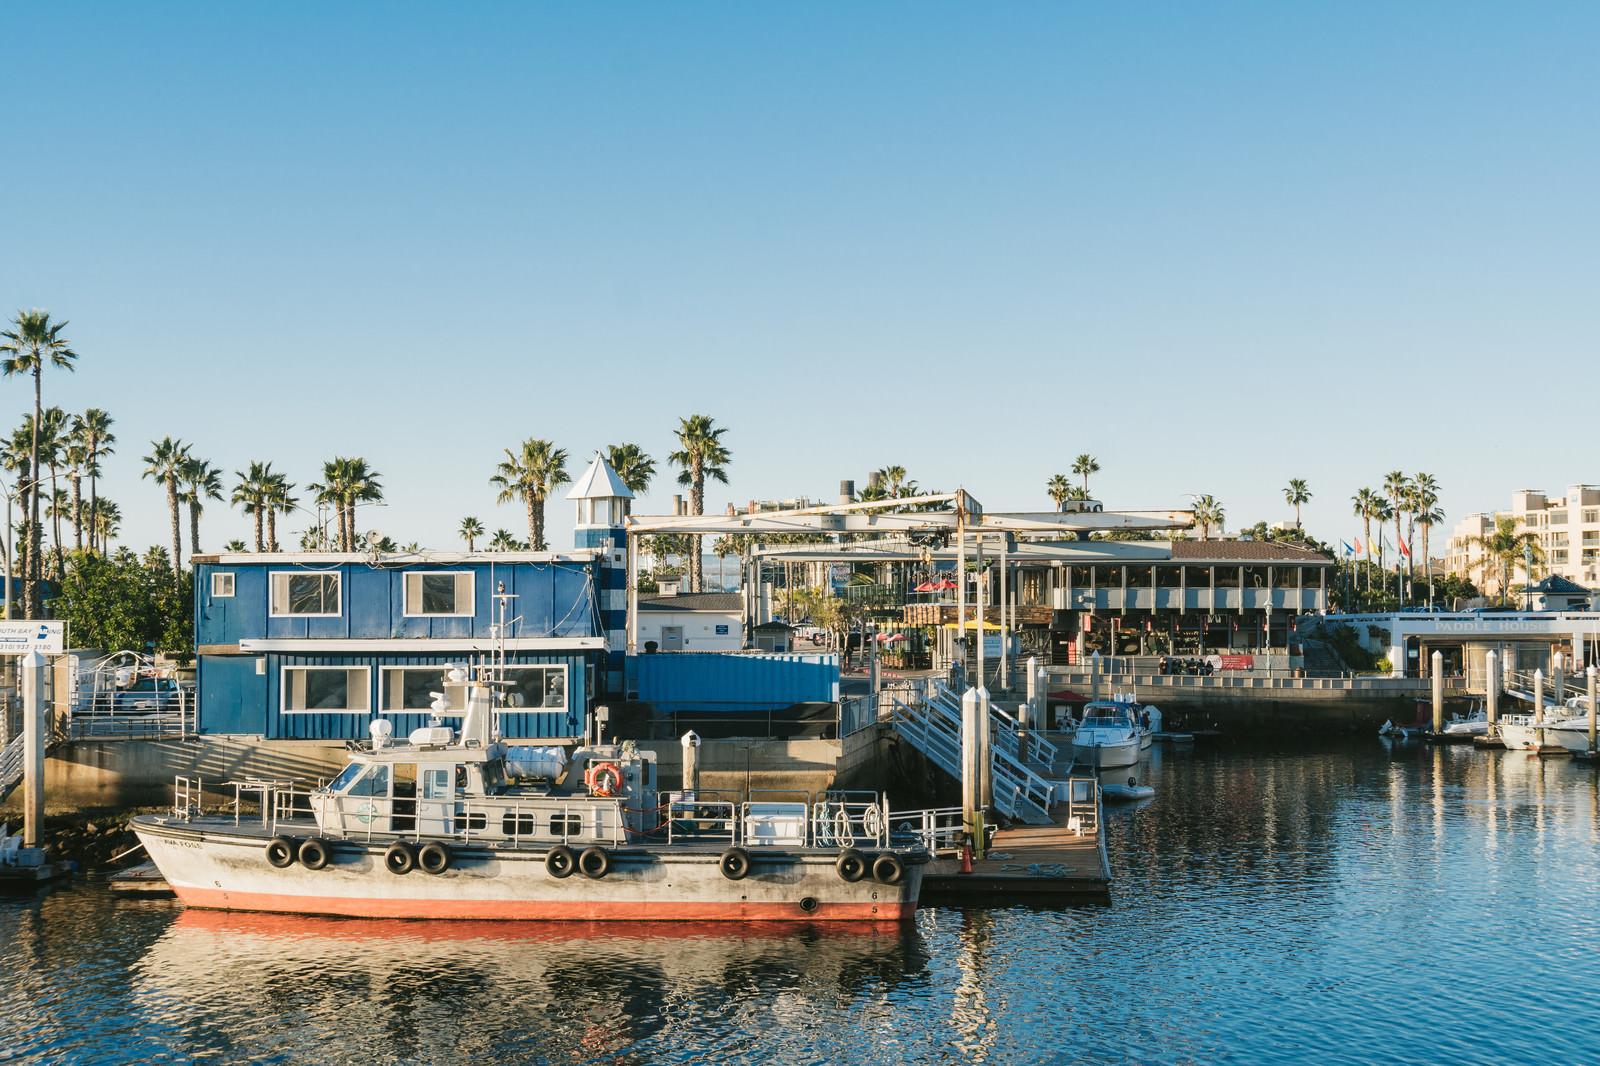 「レドンドビーチと停泊中の船」の写真